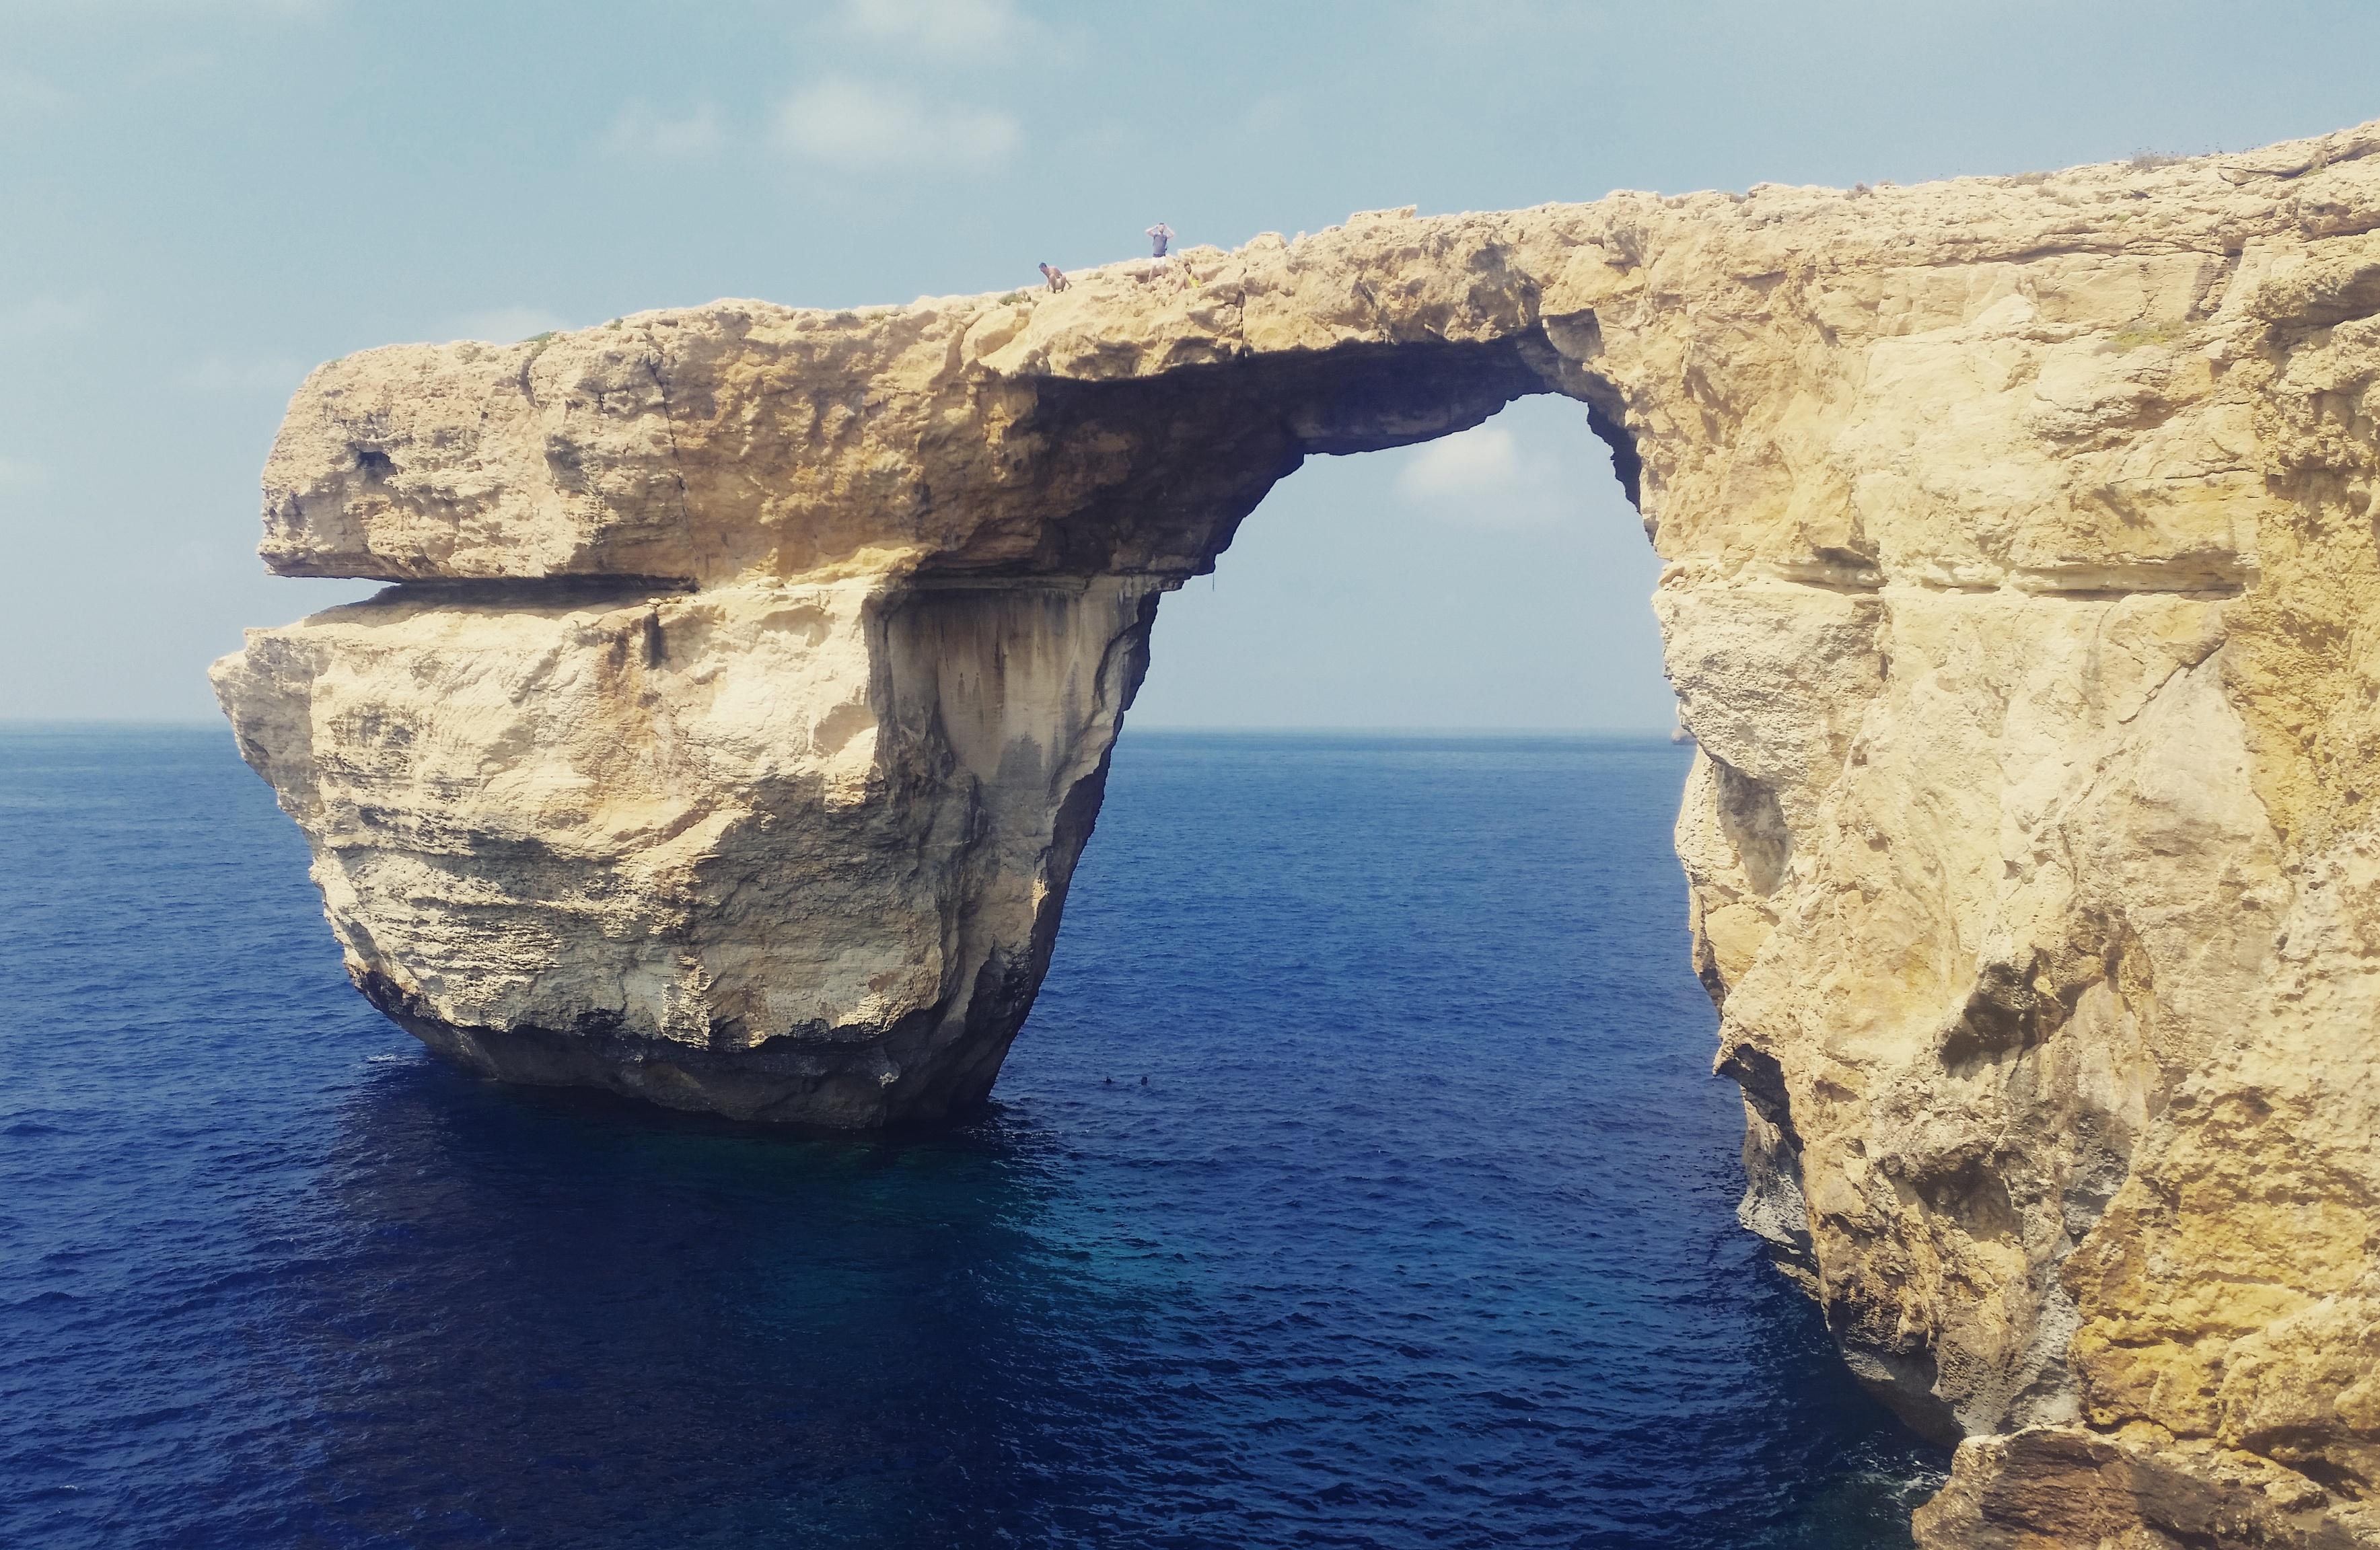 Gozo - Azur Window